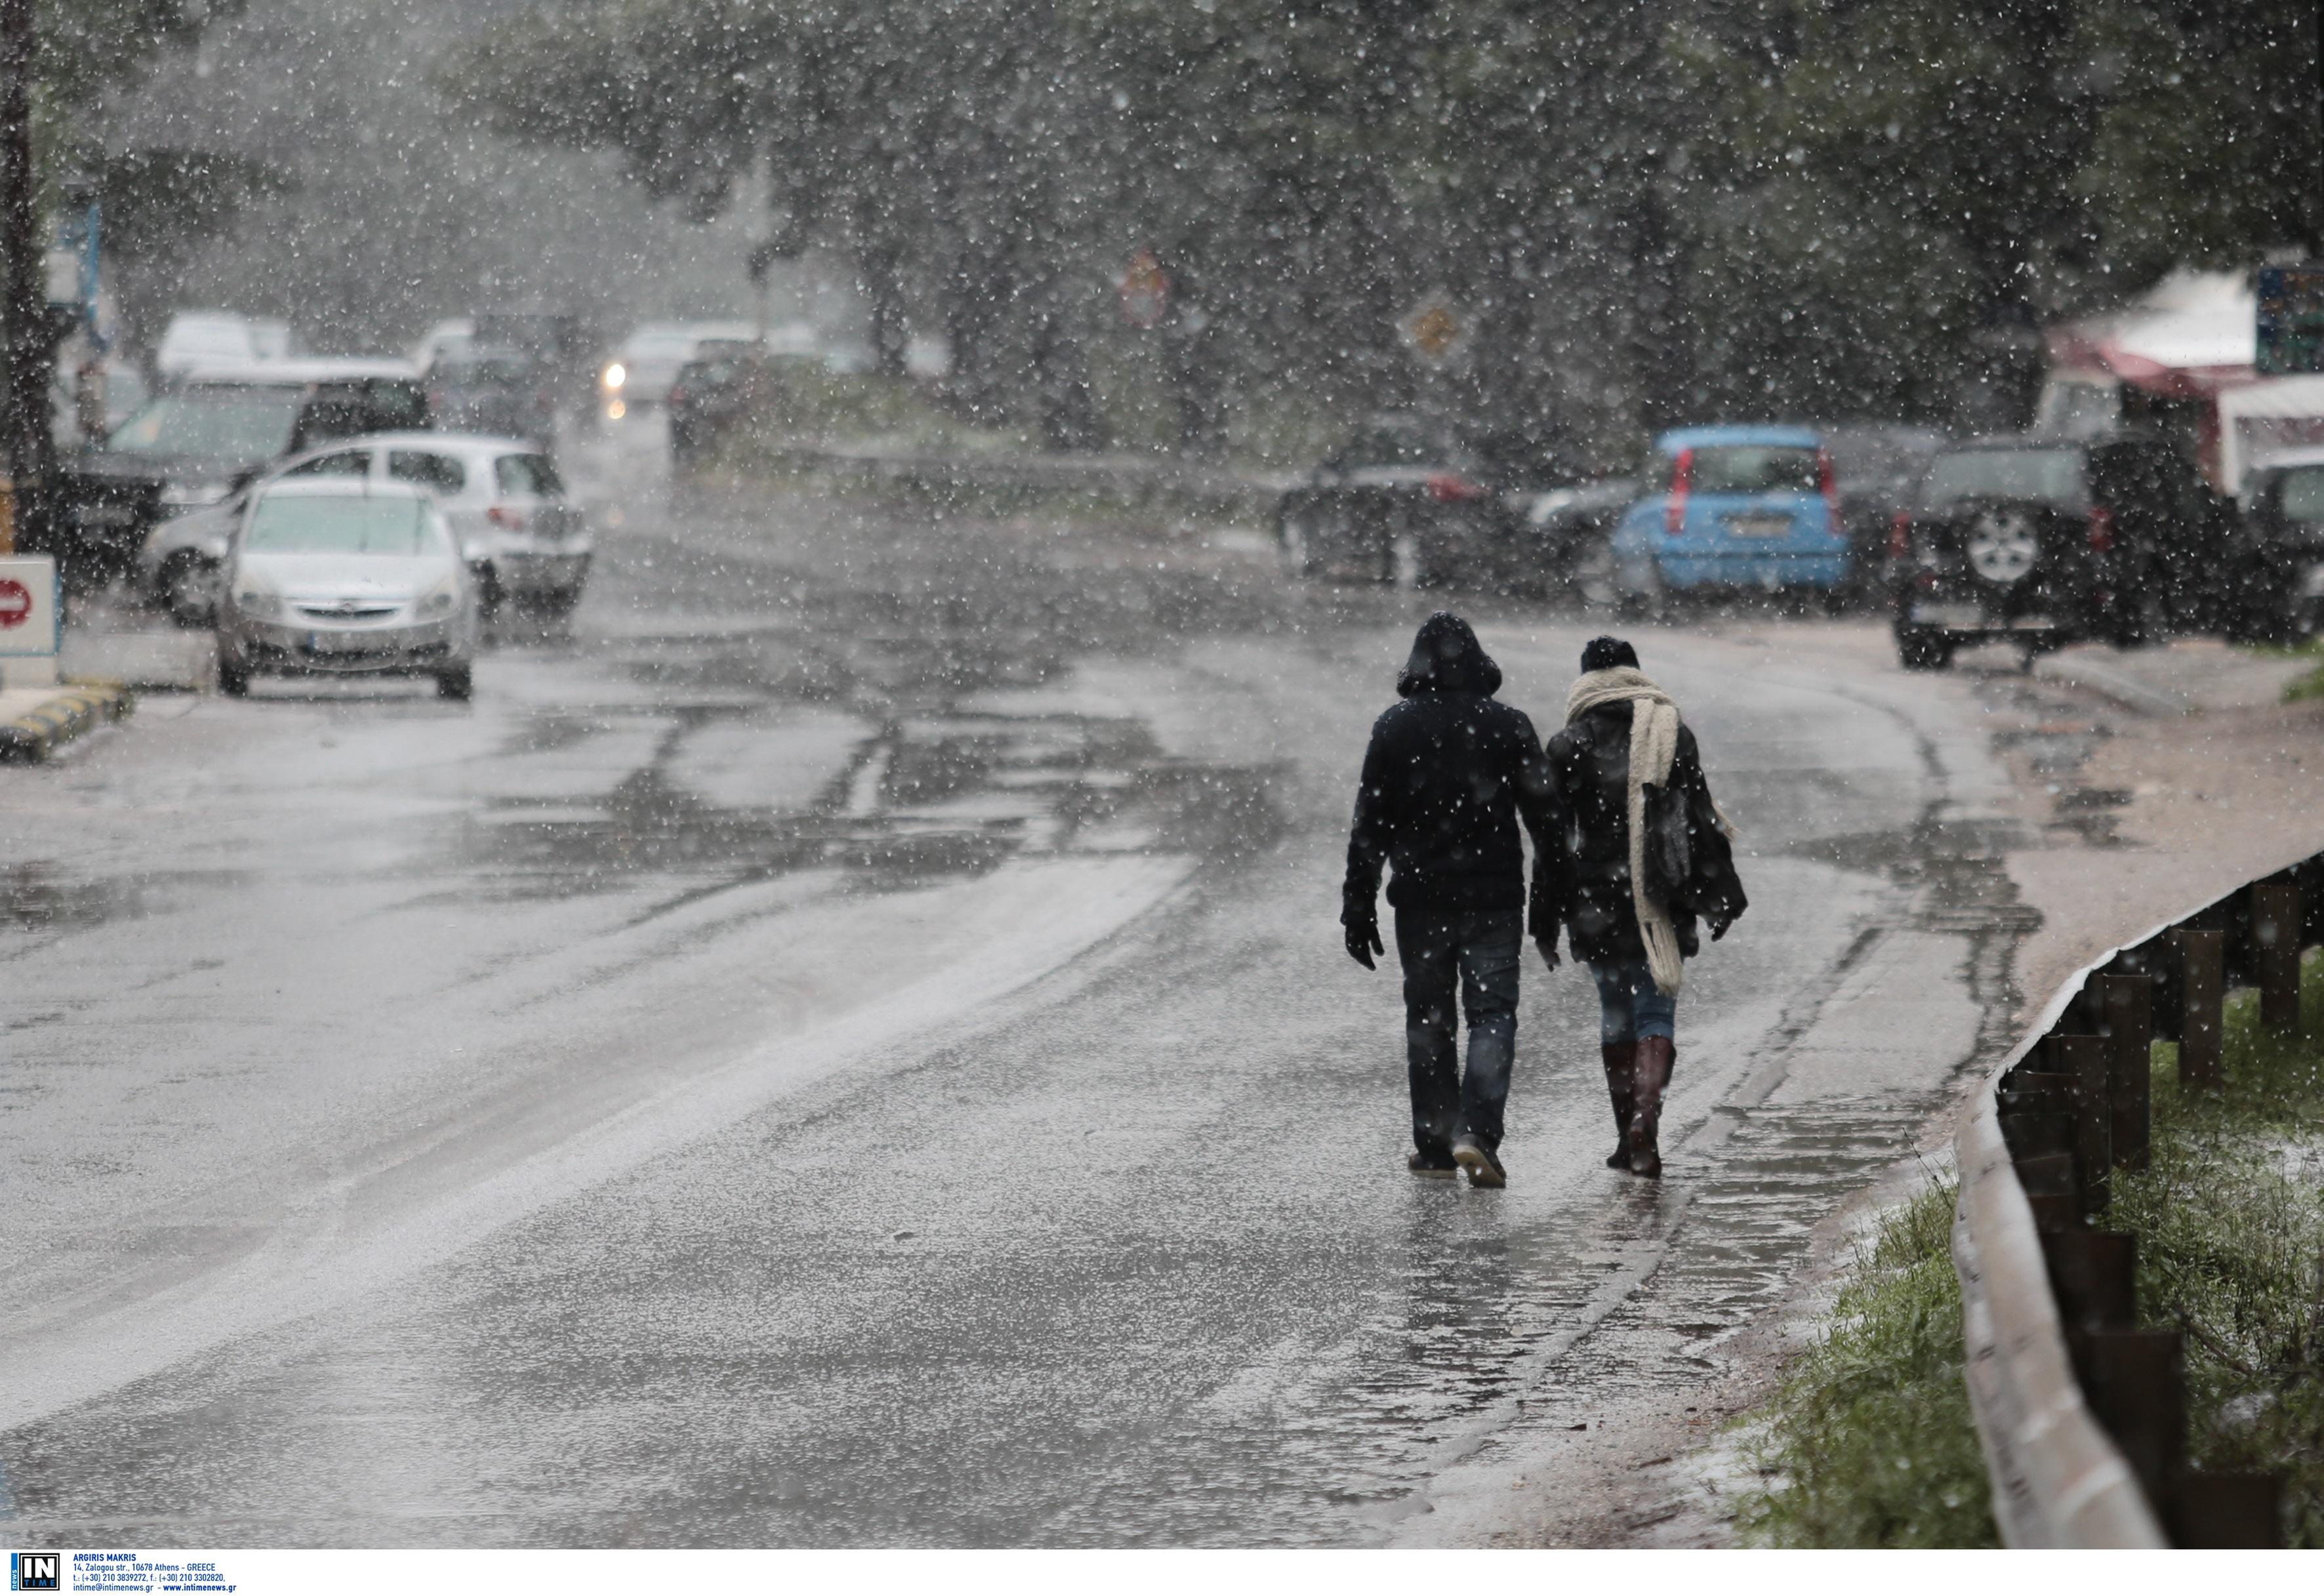 Κακοκαιρία «Μήδεια» – Κέρκυρα: Χιόνισε σε Οθωνούς και Λευκίμμη